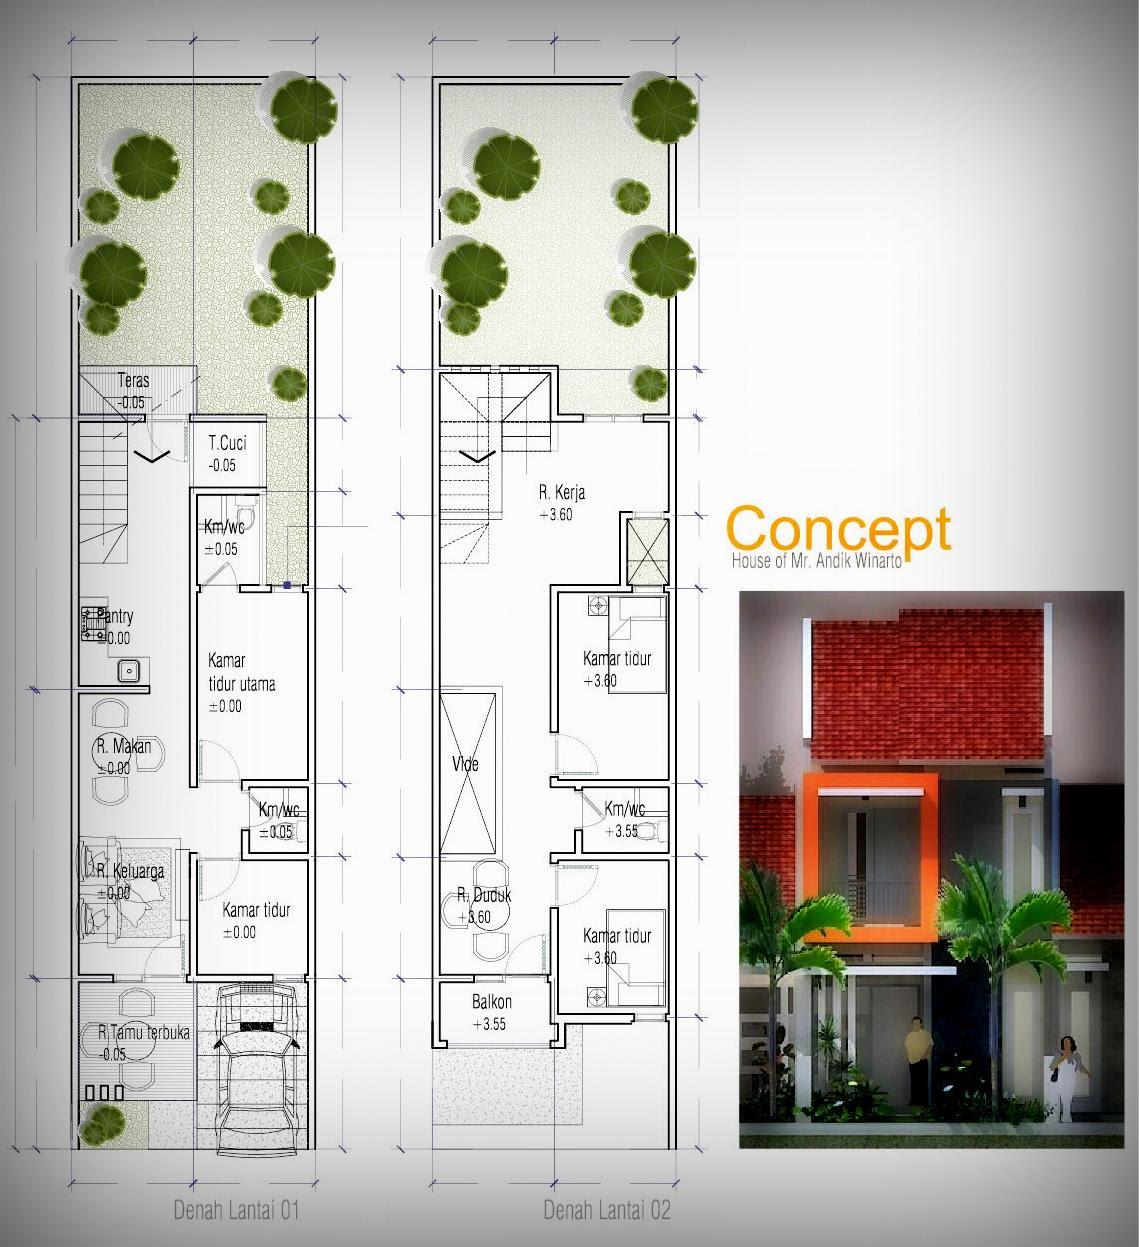 68 Desain Rumah Minimalis Lebar 3 Meter Desain Rumah Minimalis Terbaru